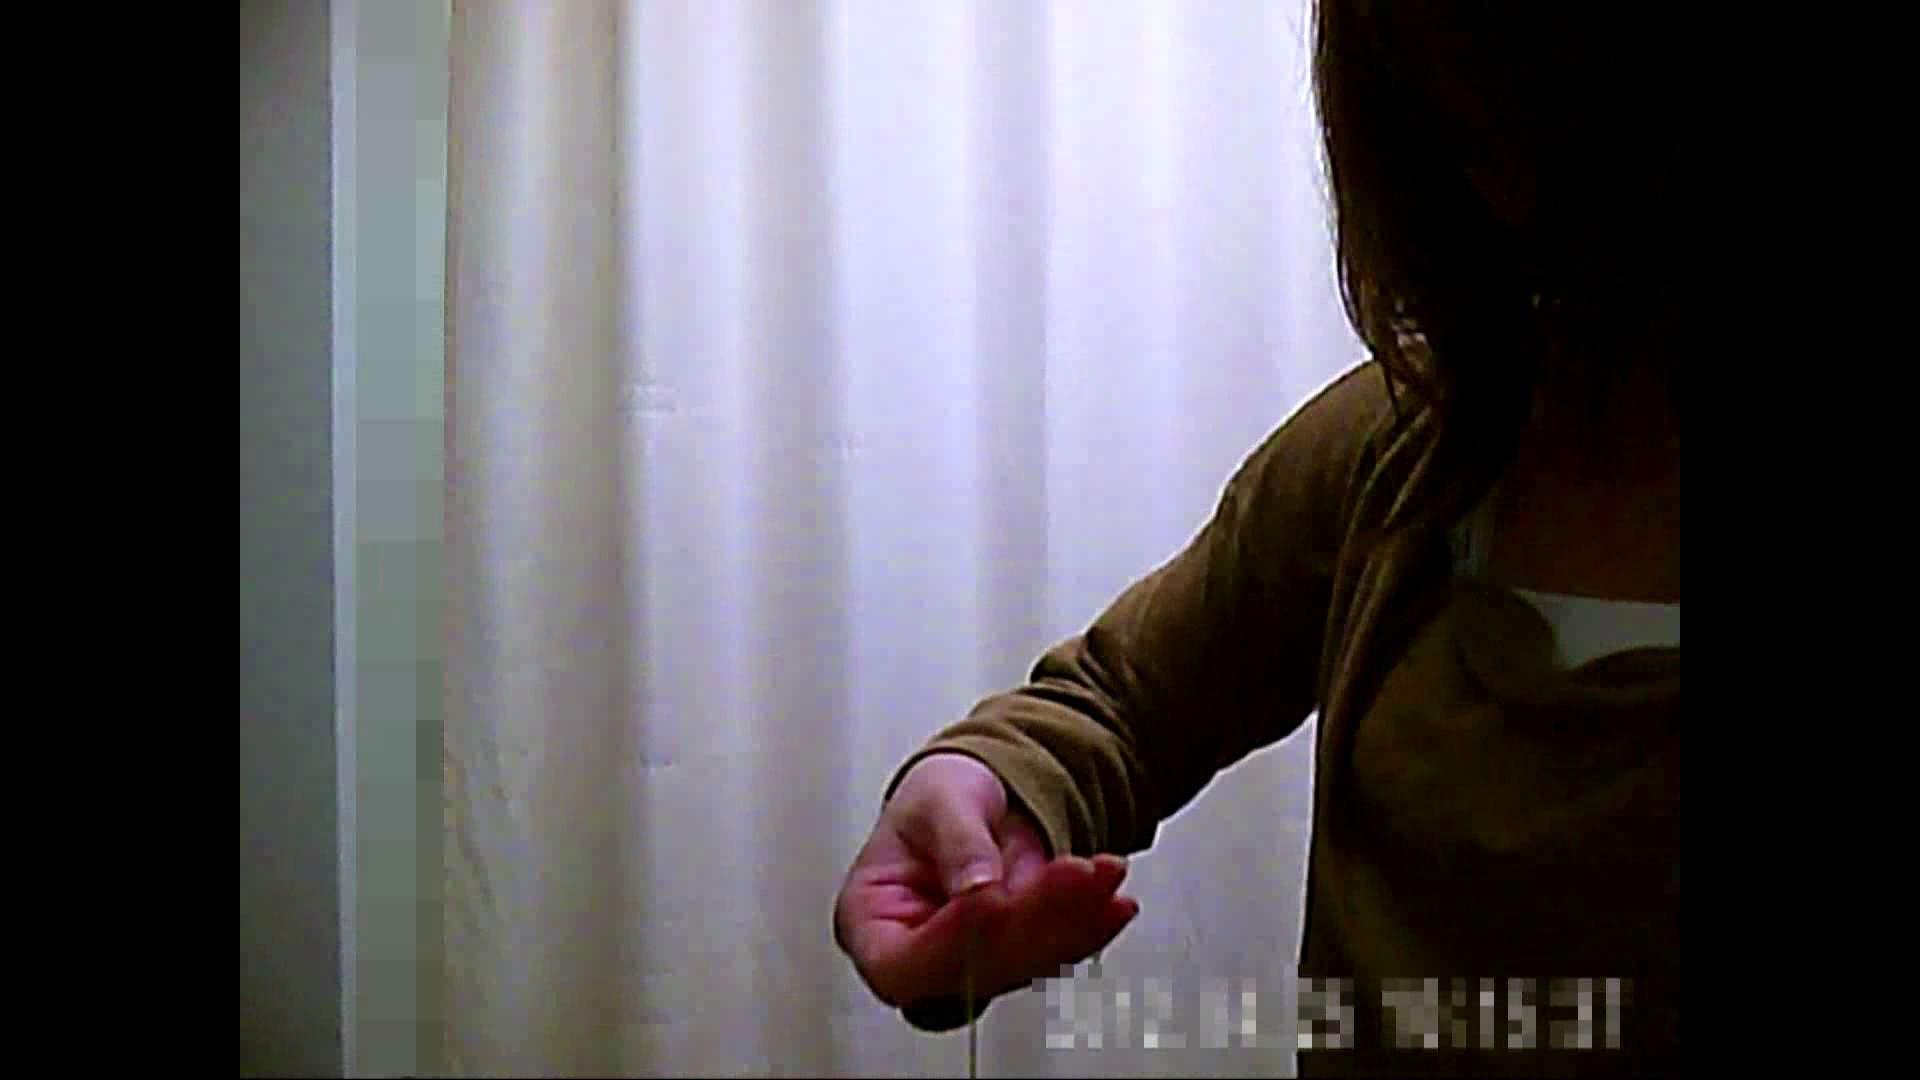 元医者による反抗 更衣室地獄絵巻 vol.009 エッチすぎるOL達 | 0  68連発 29